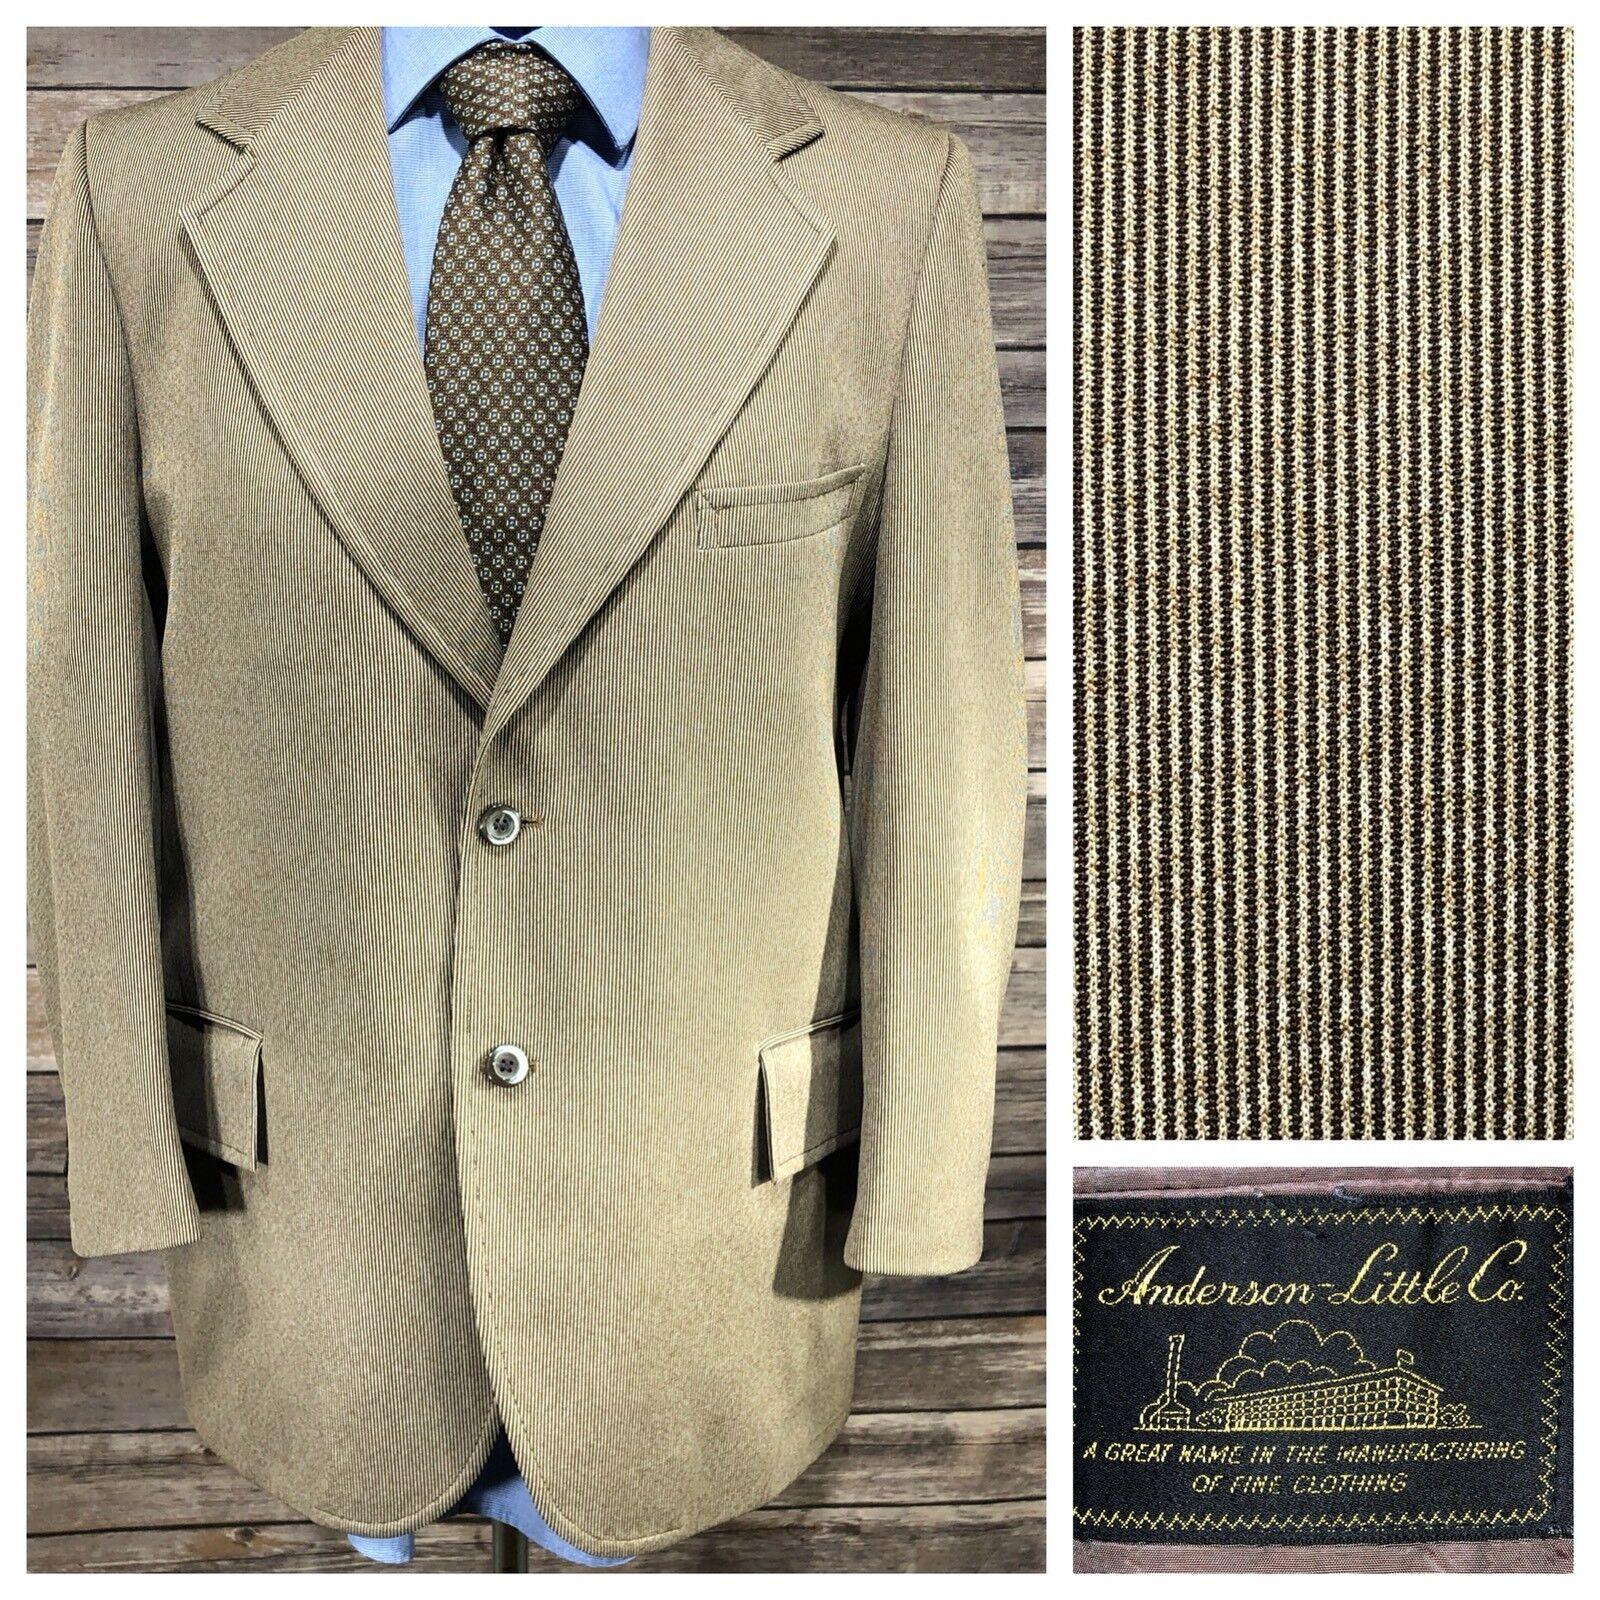 VTG ANDERSON LITTLE Brown Pinstripe Blazer Sport Coat, 2 Button, Sz 40R